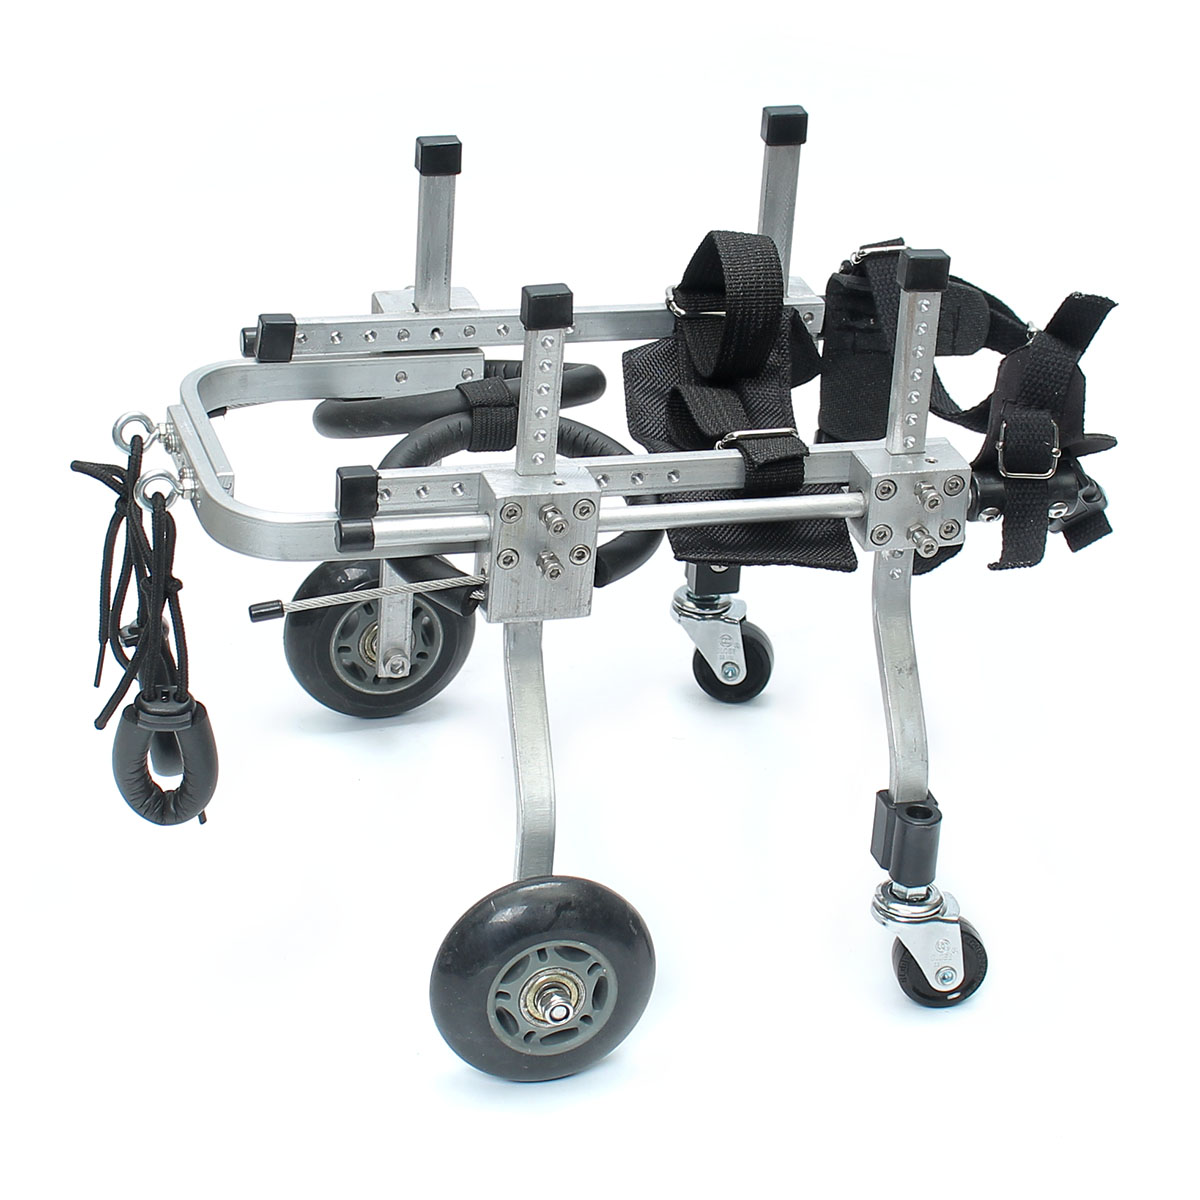 Entraînement professionnel fauteuil roulant chien de compagnie réhabilitation acier inoxydable 4 roues faible paralysé avant/arrière jambes chien réglable